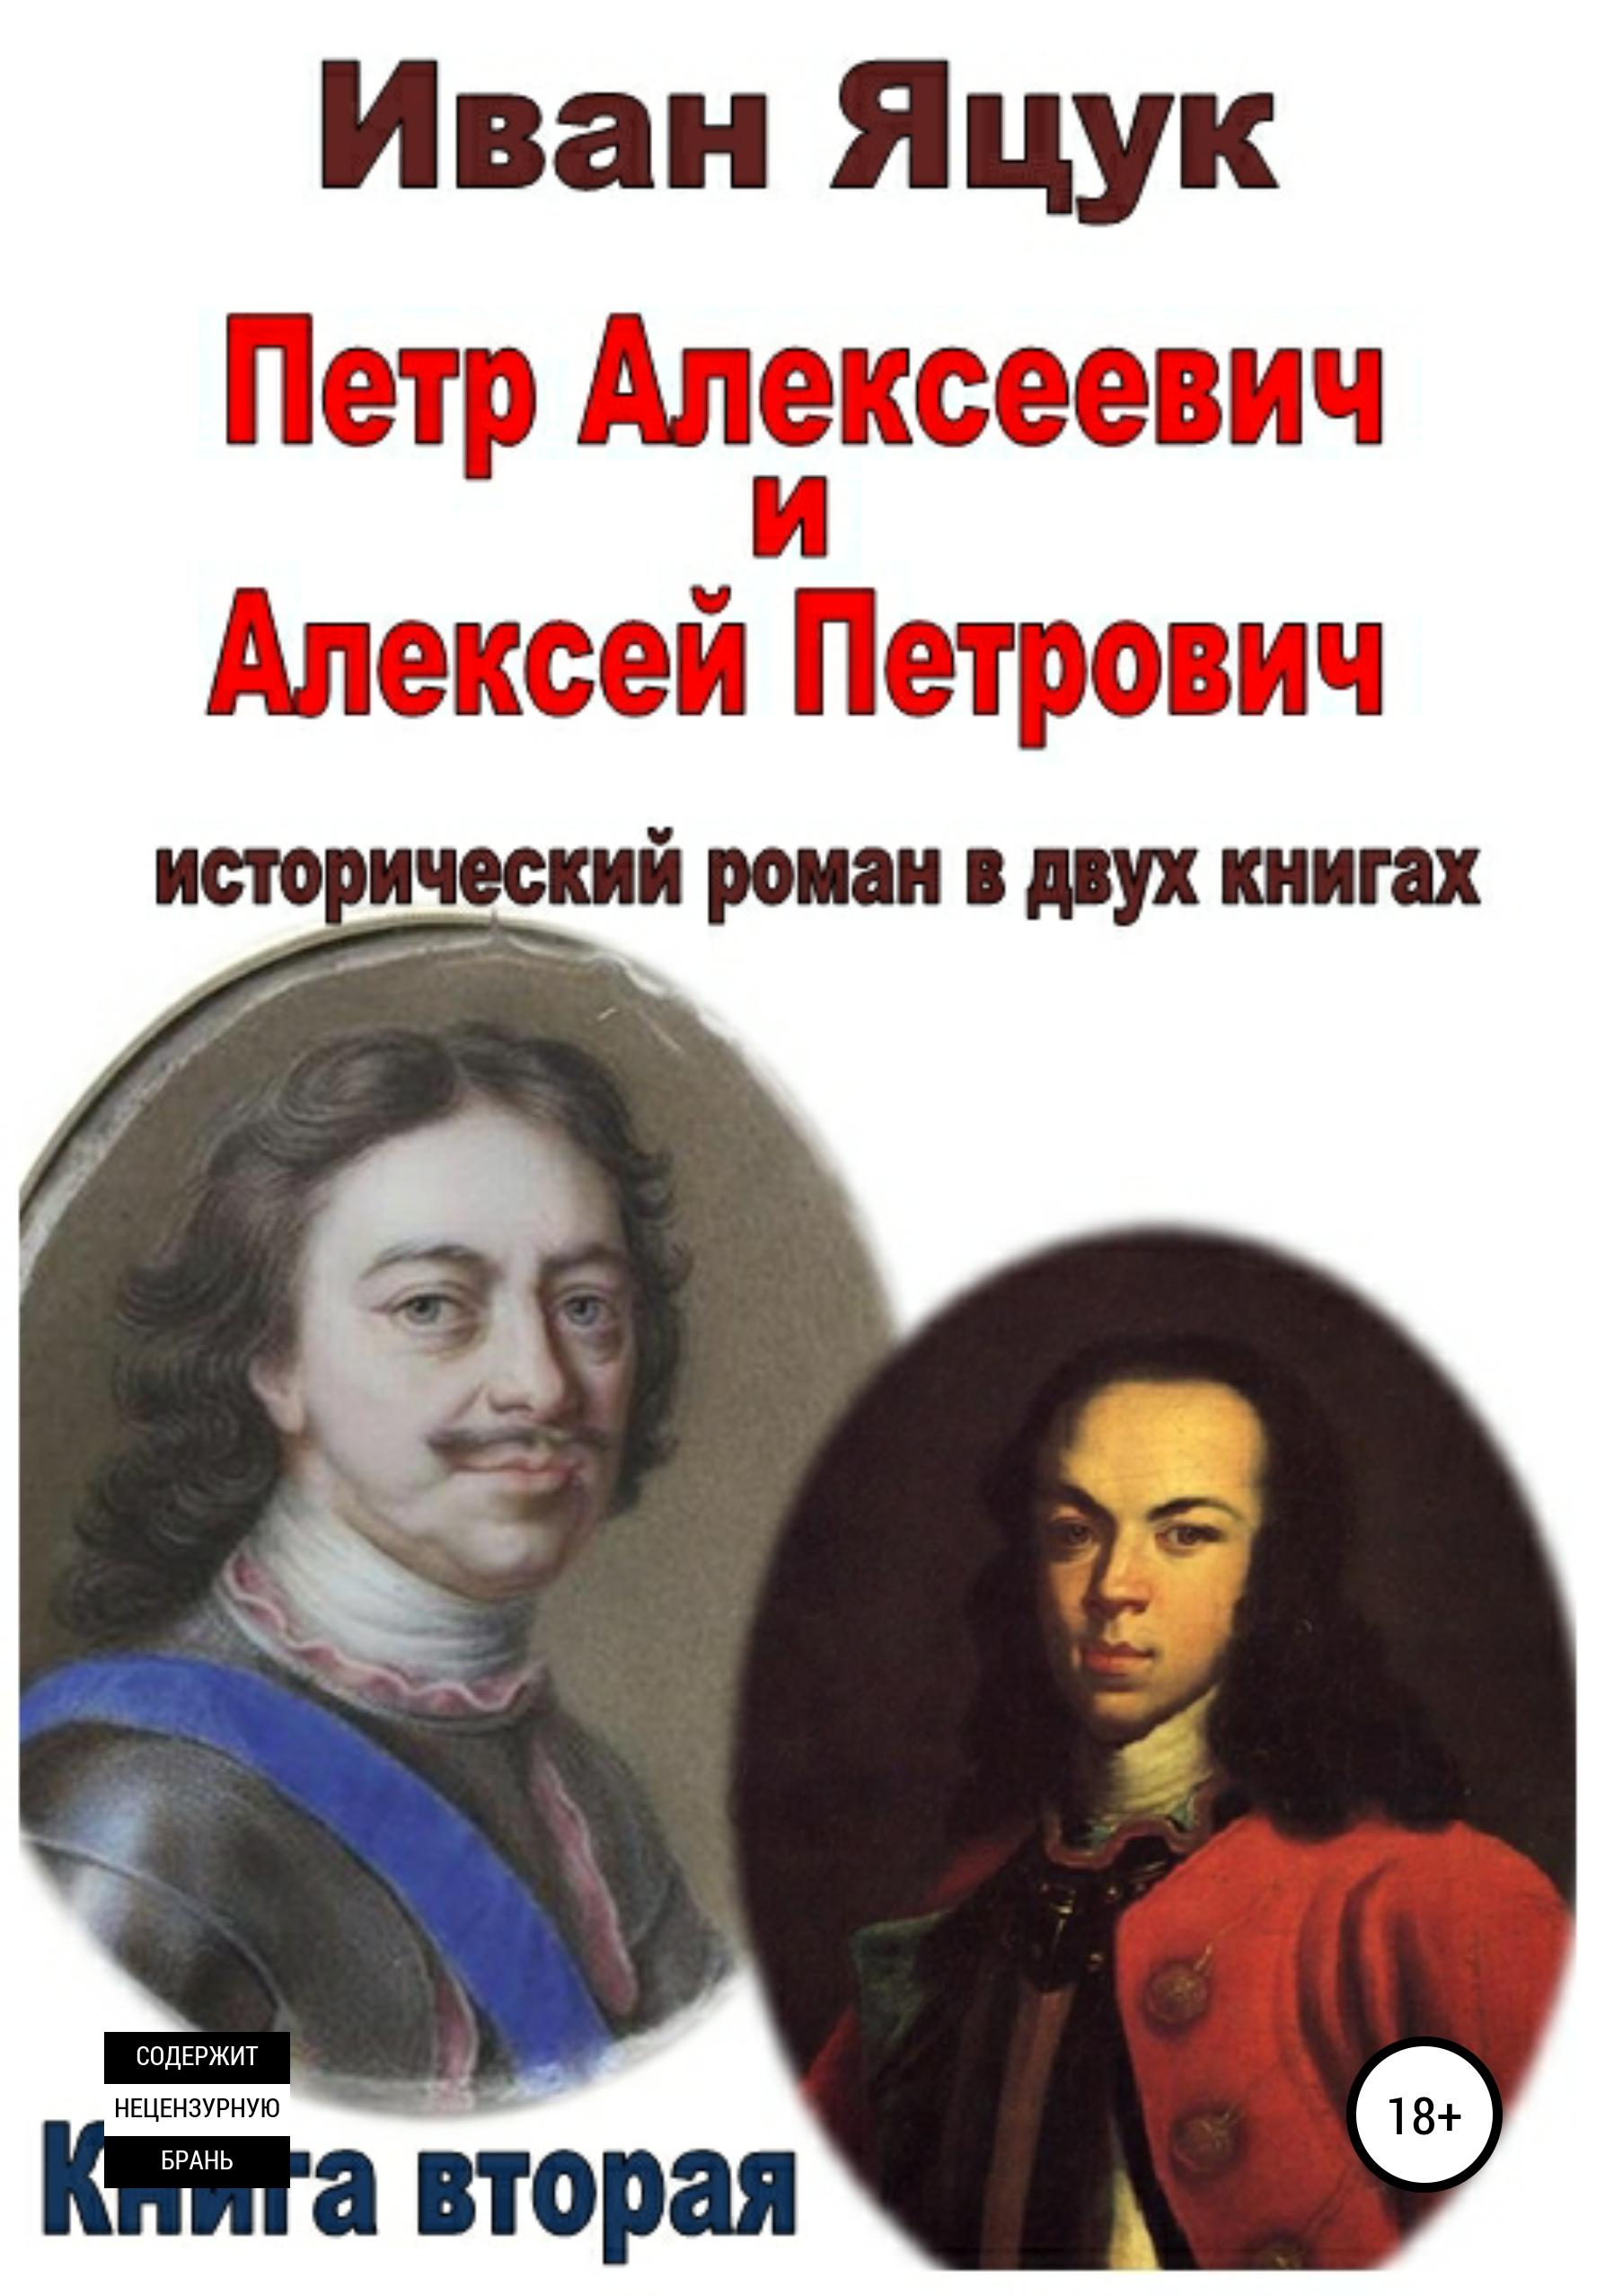 каталог интернет магазинов россии